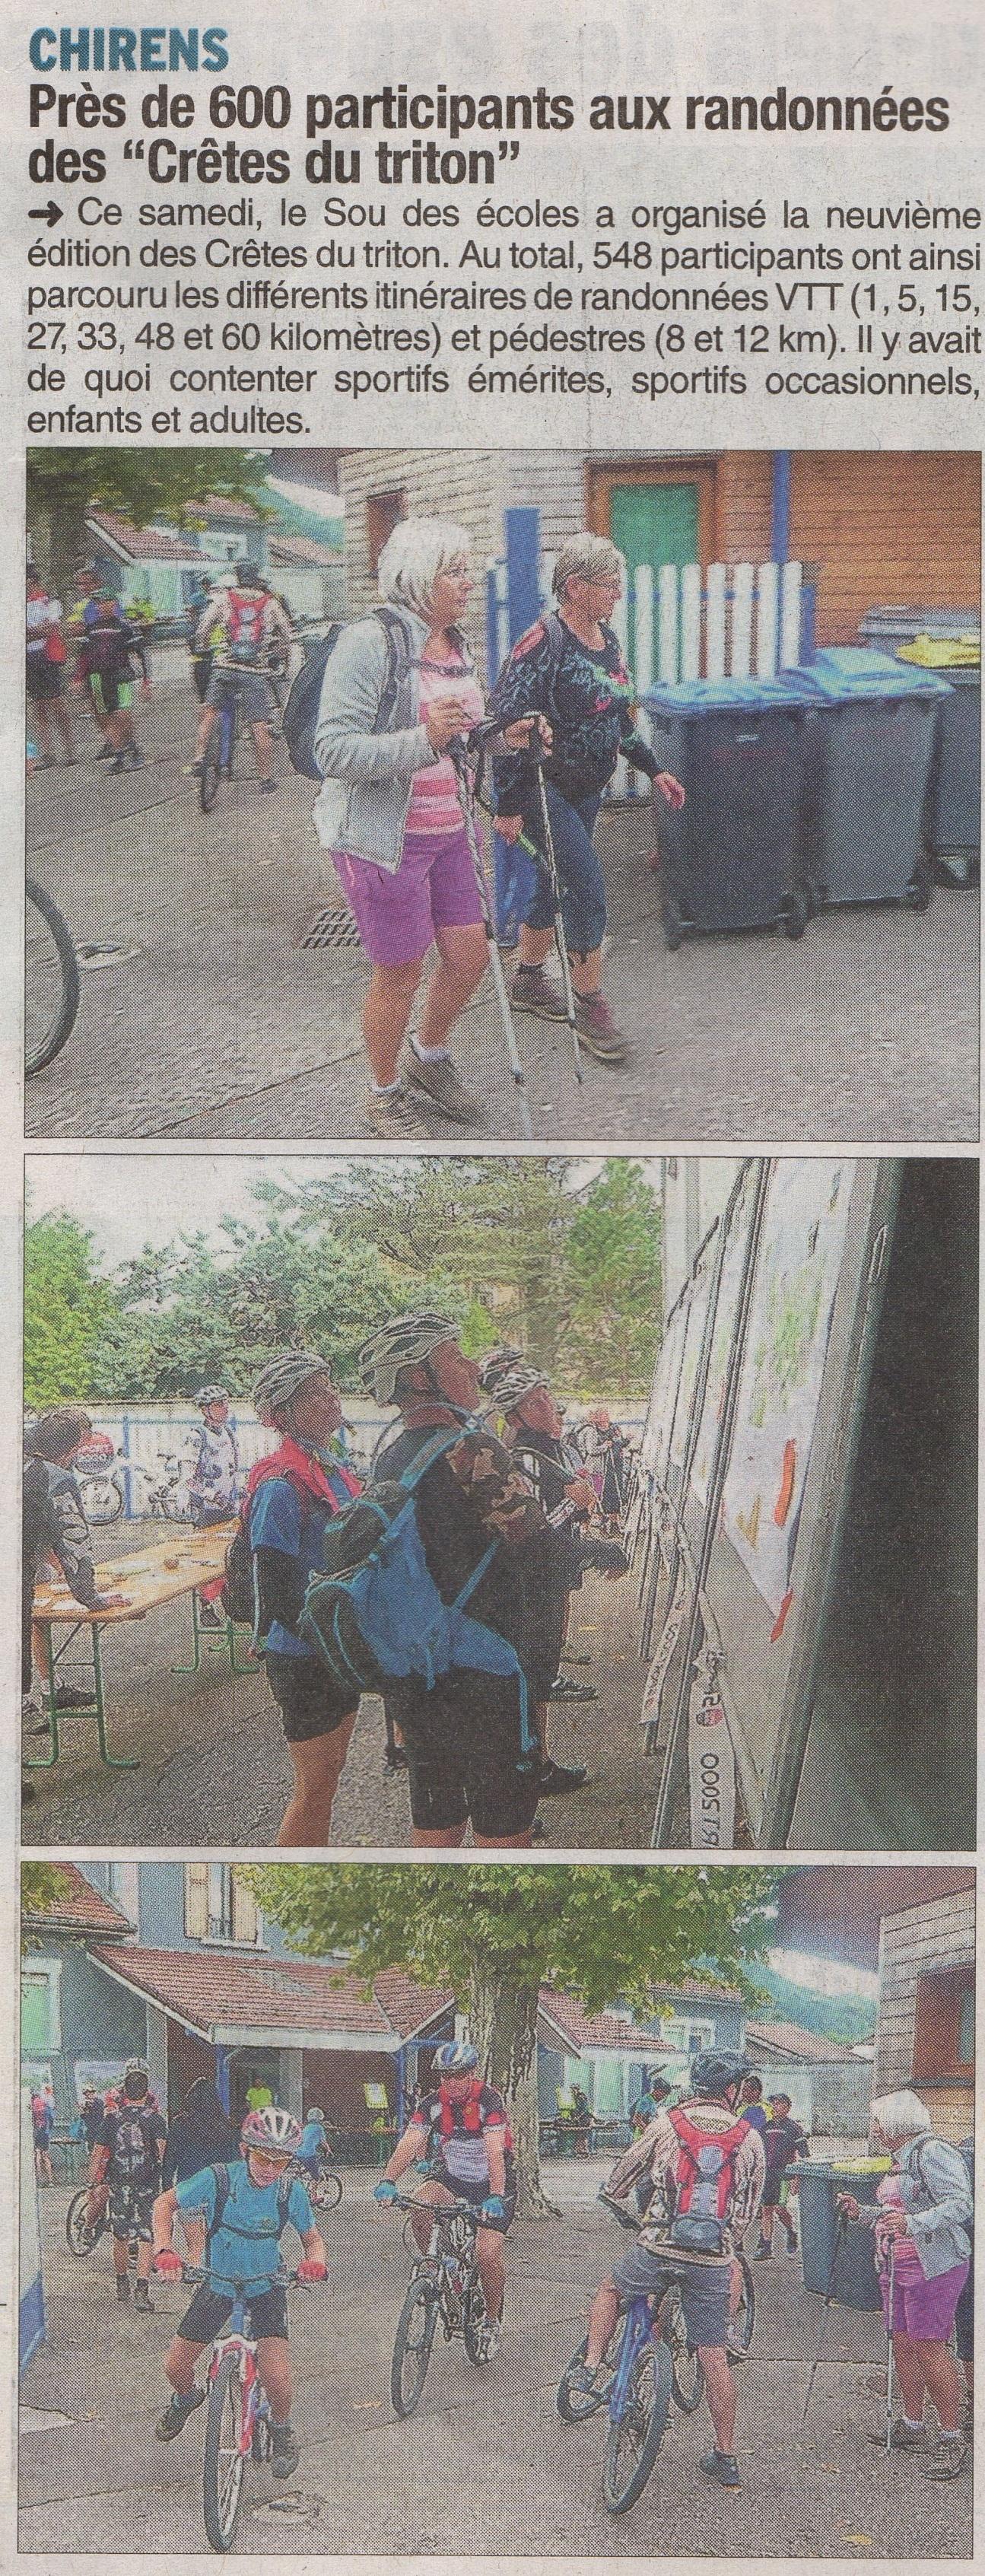 Le Dauphiné Libéré Mardi 15 Septembre 2015